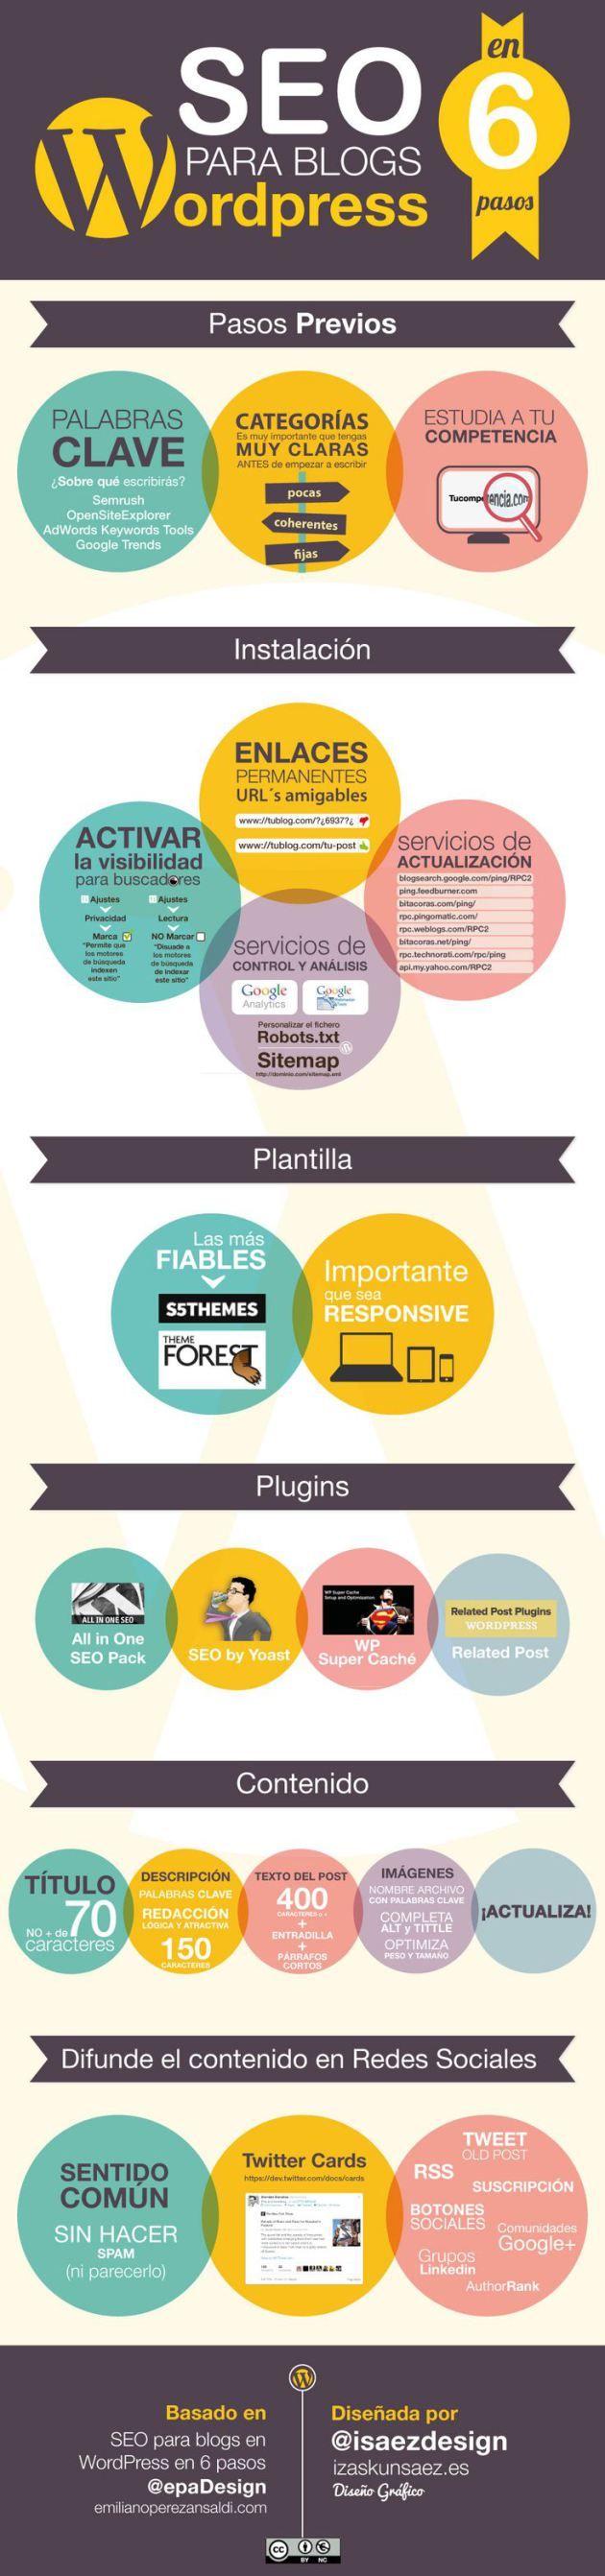 #Infografía: SEO para Wordpress